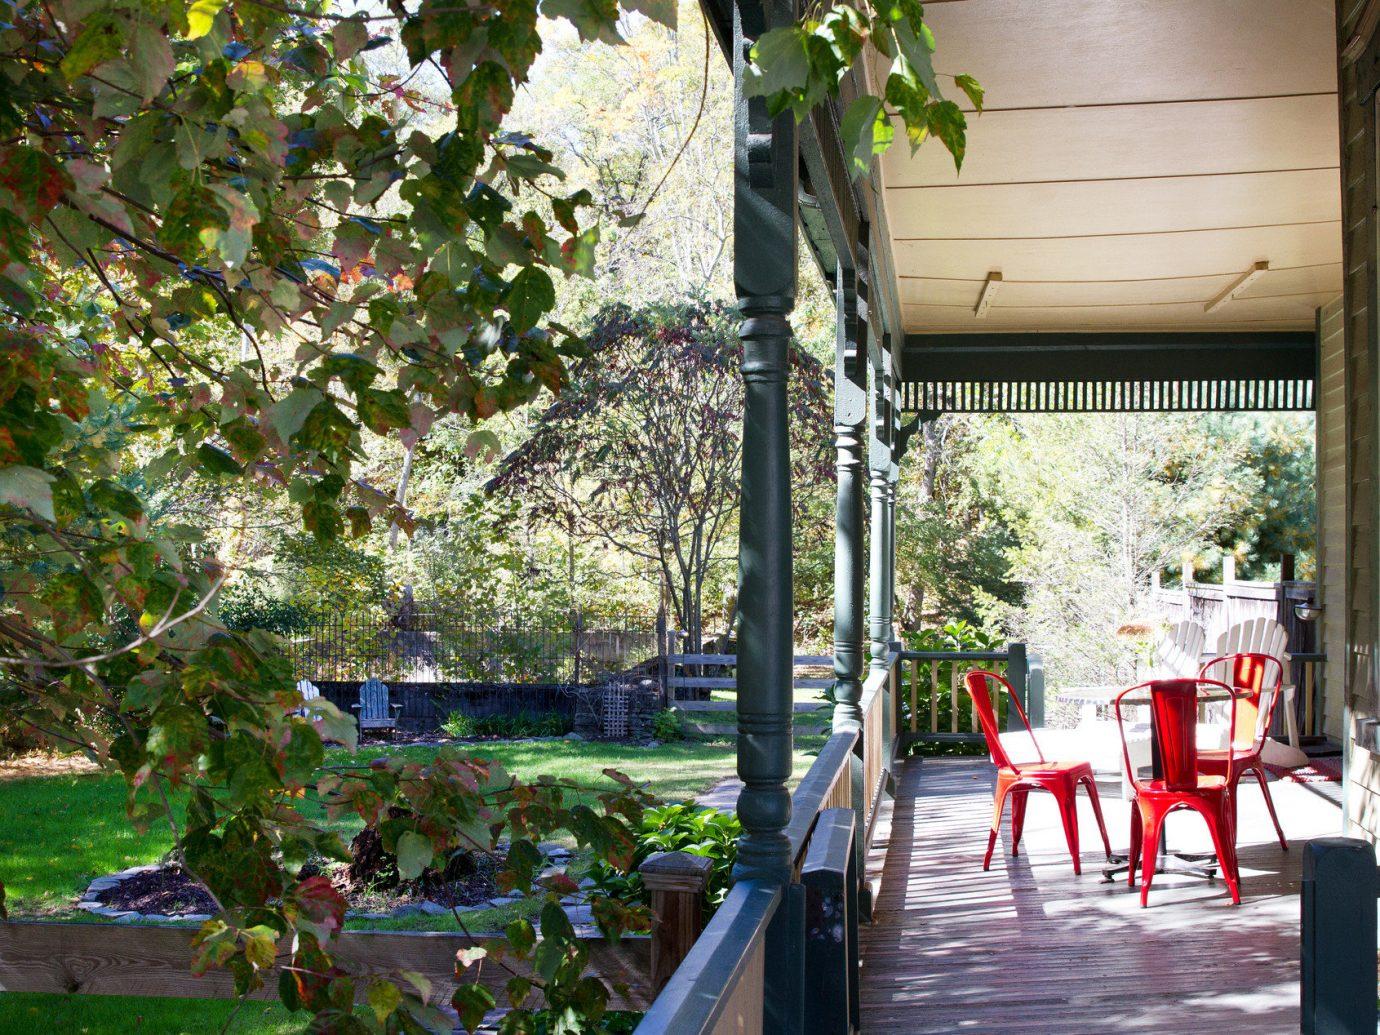 Trip Ideas tree outdoor backyard flower estate Garden porch Resort Courtyard restaurant cottage outdoor structure